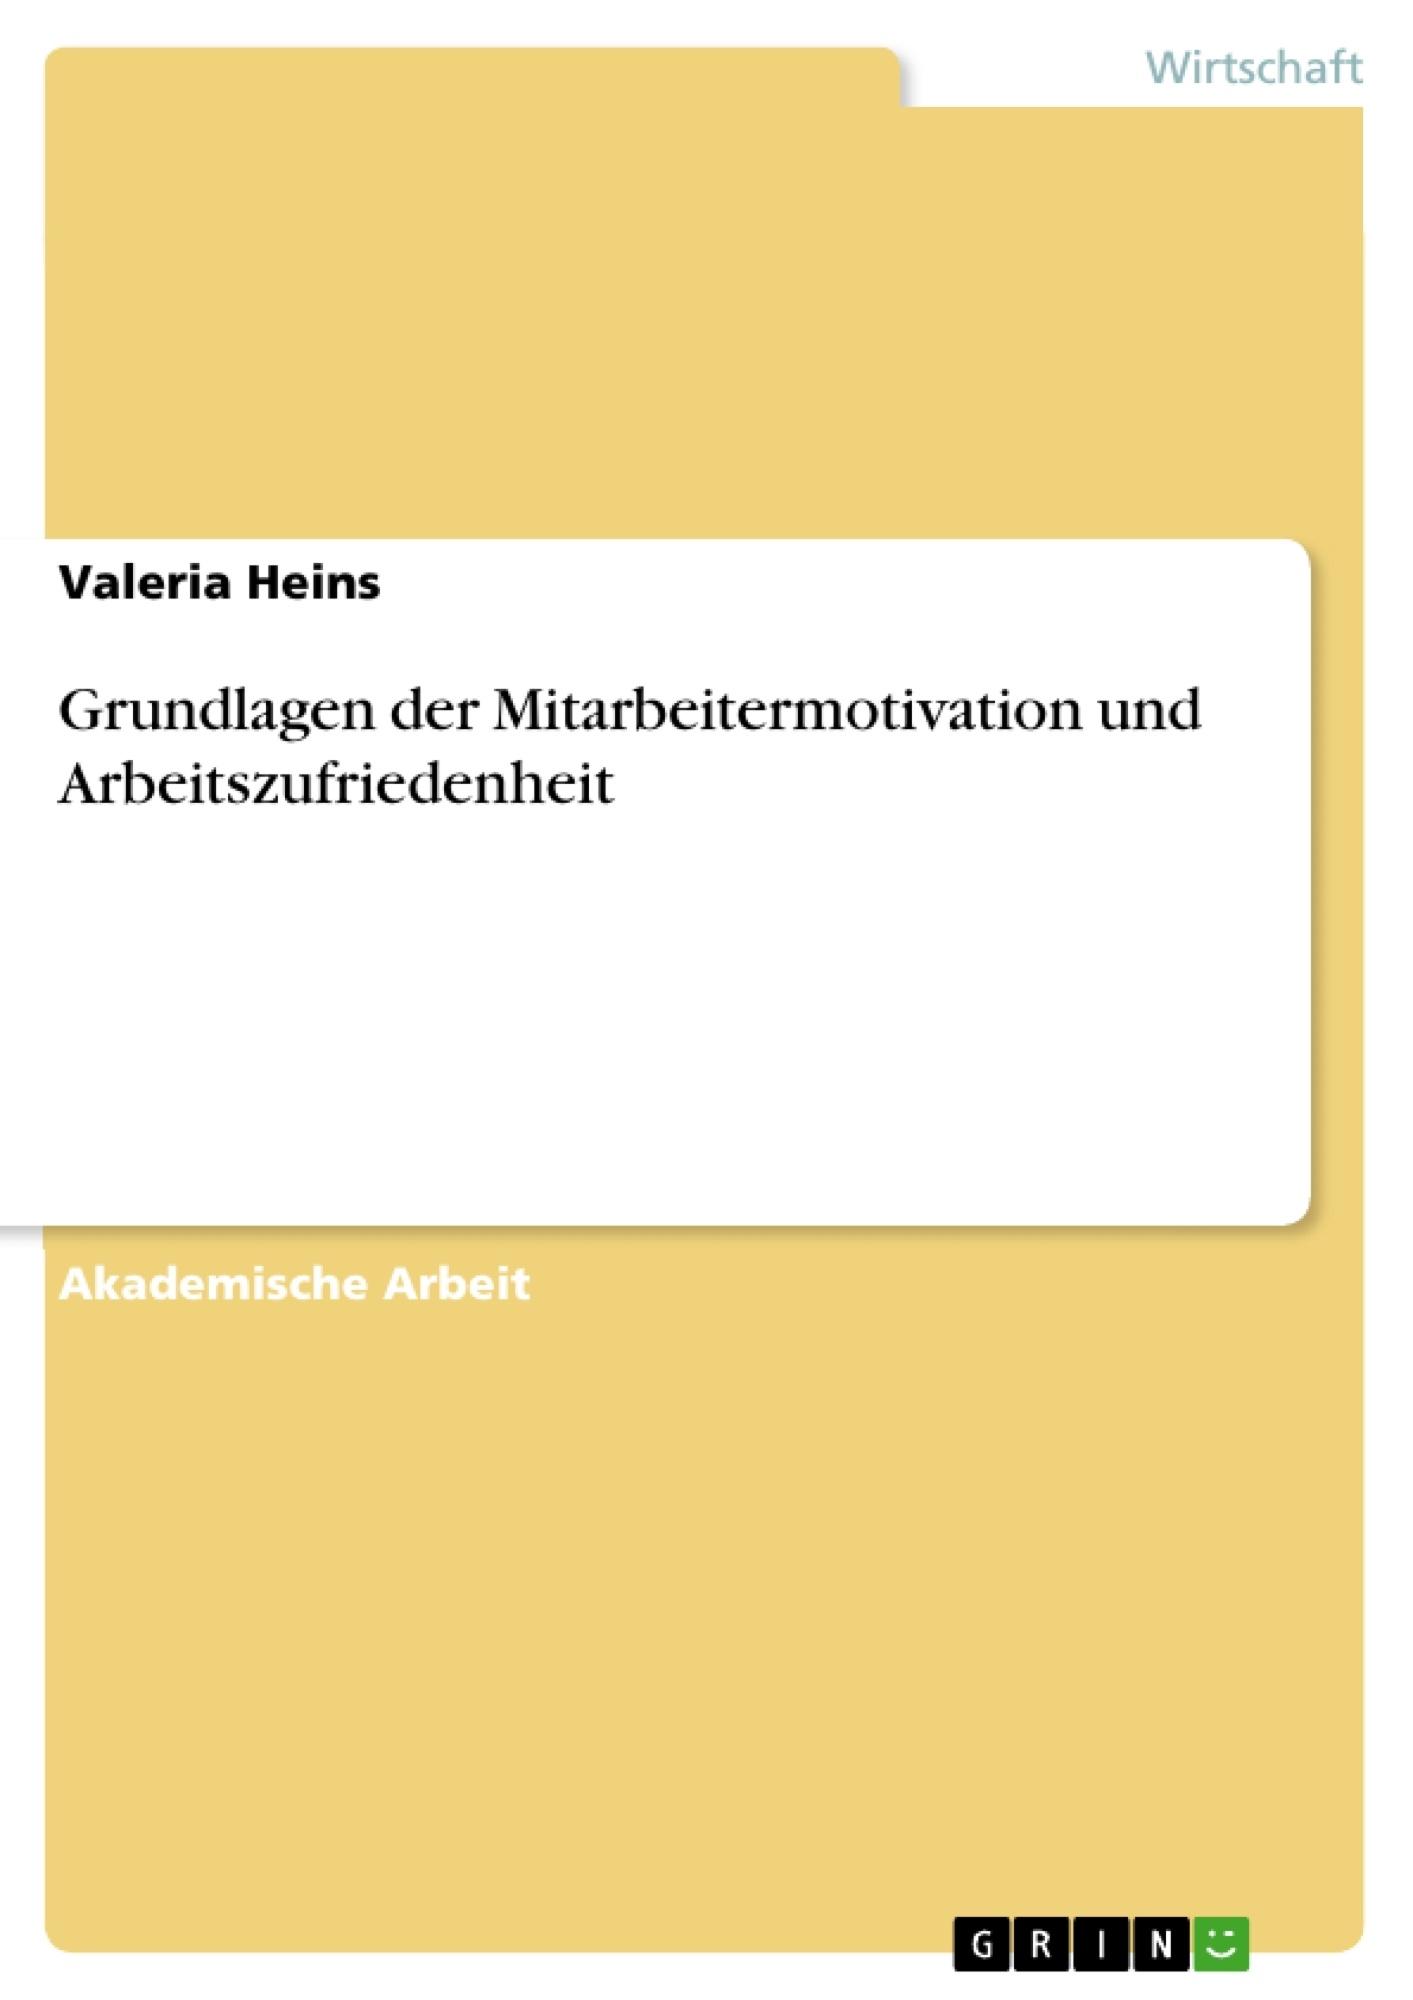 Titel: Grundlagen der Mitarbeitermotivation und Arbeitszufriedenheit